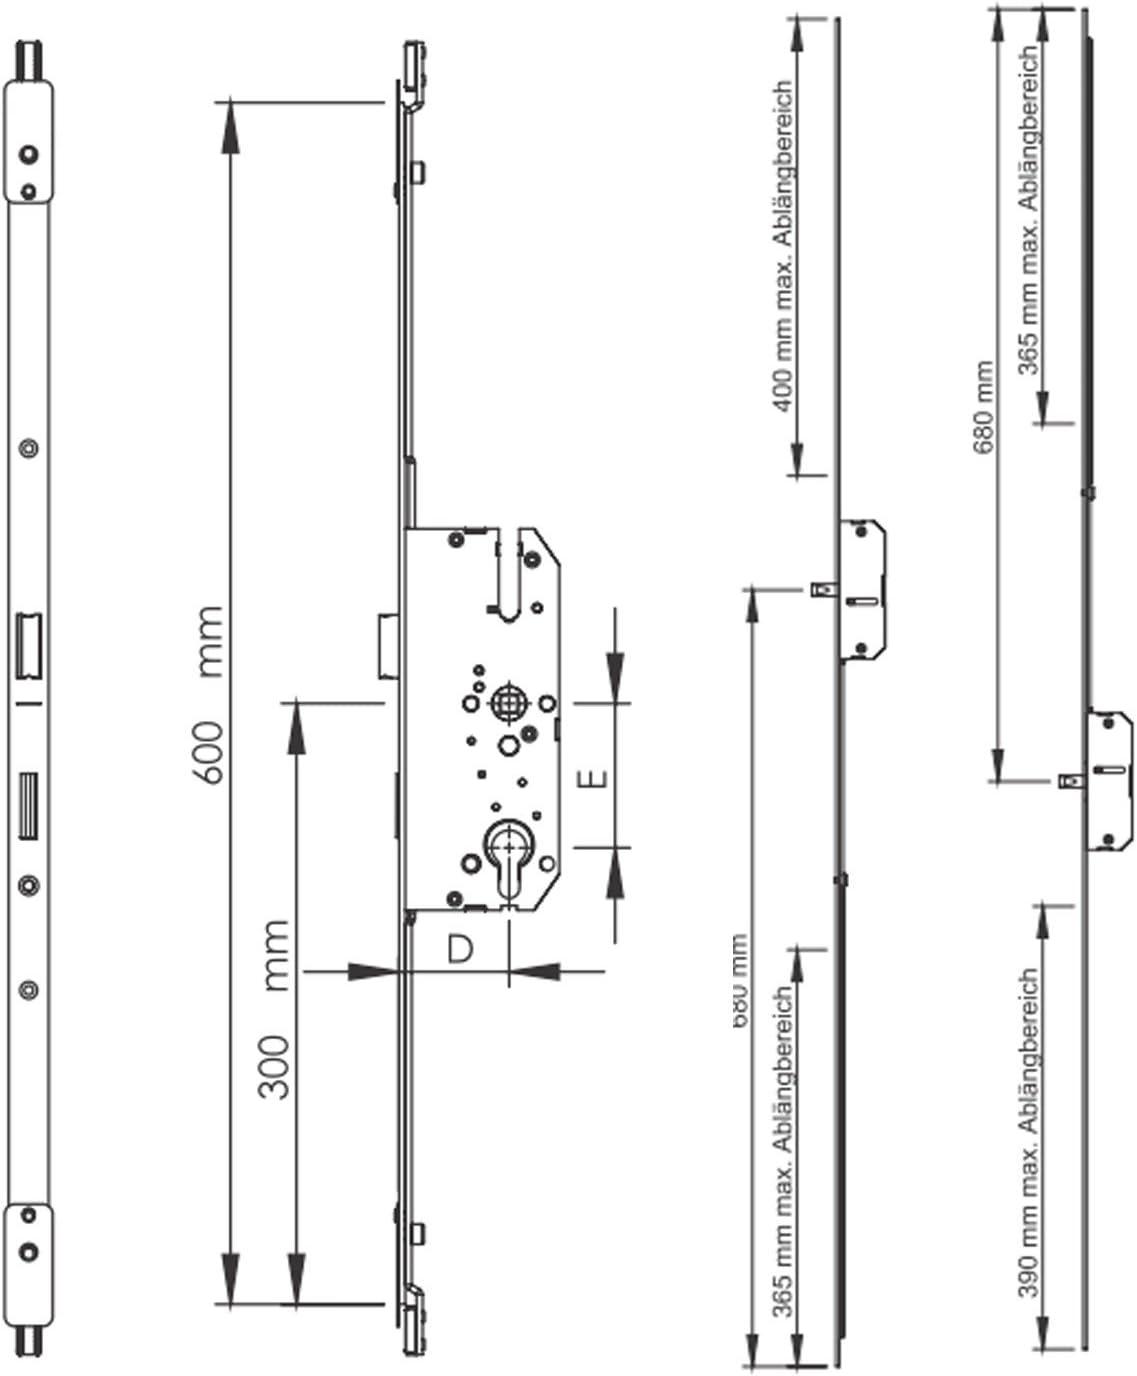 ToniTec TT-MFV-302B Reparatur Mehrfachverriegelung Nebenschloss Hauptschloss Bolzenriegel